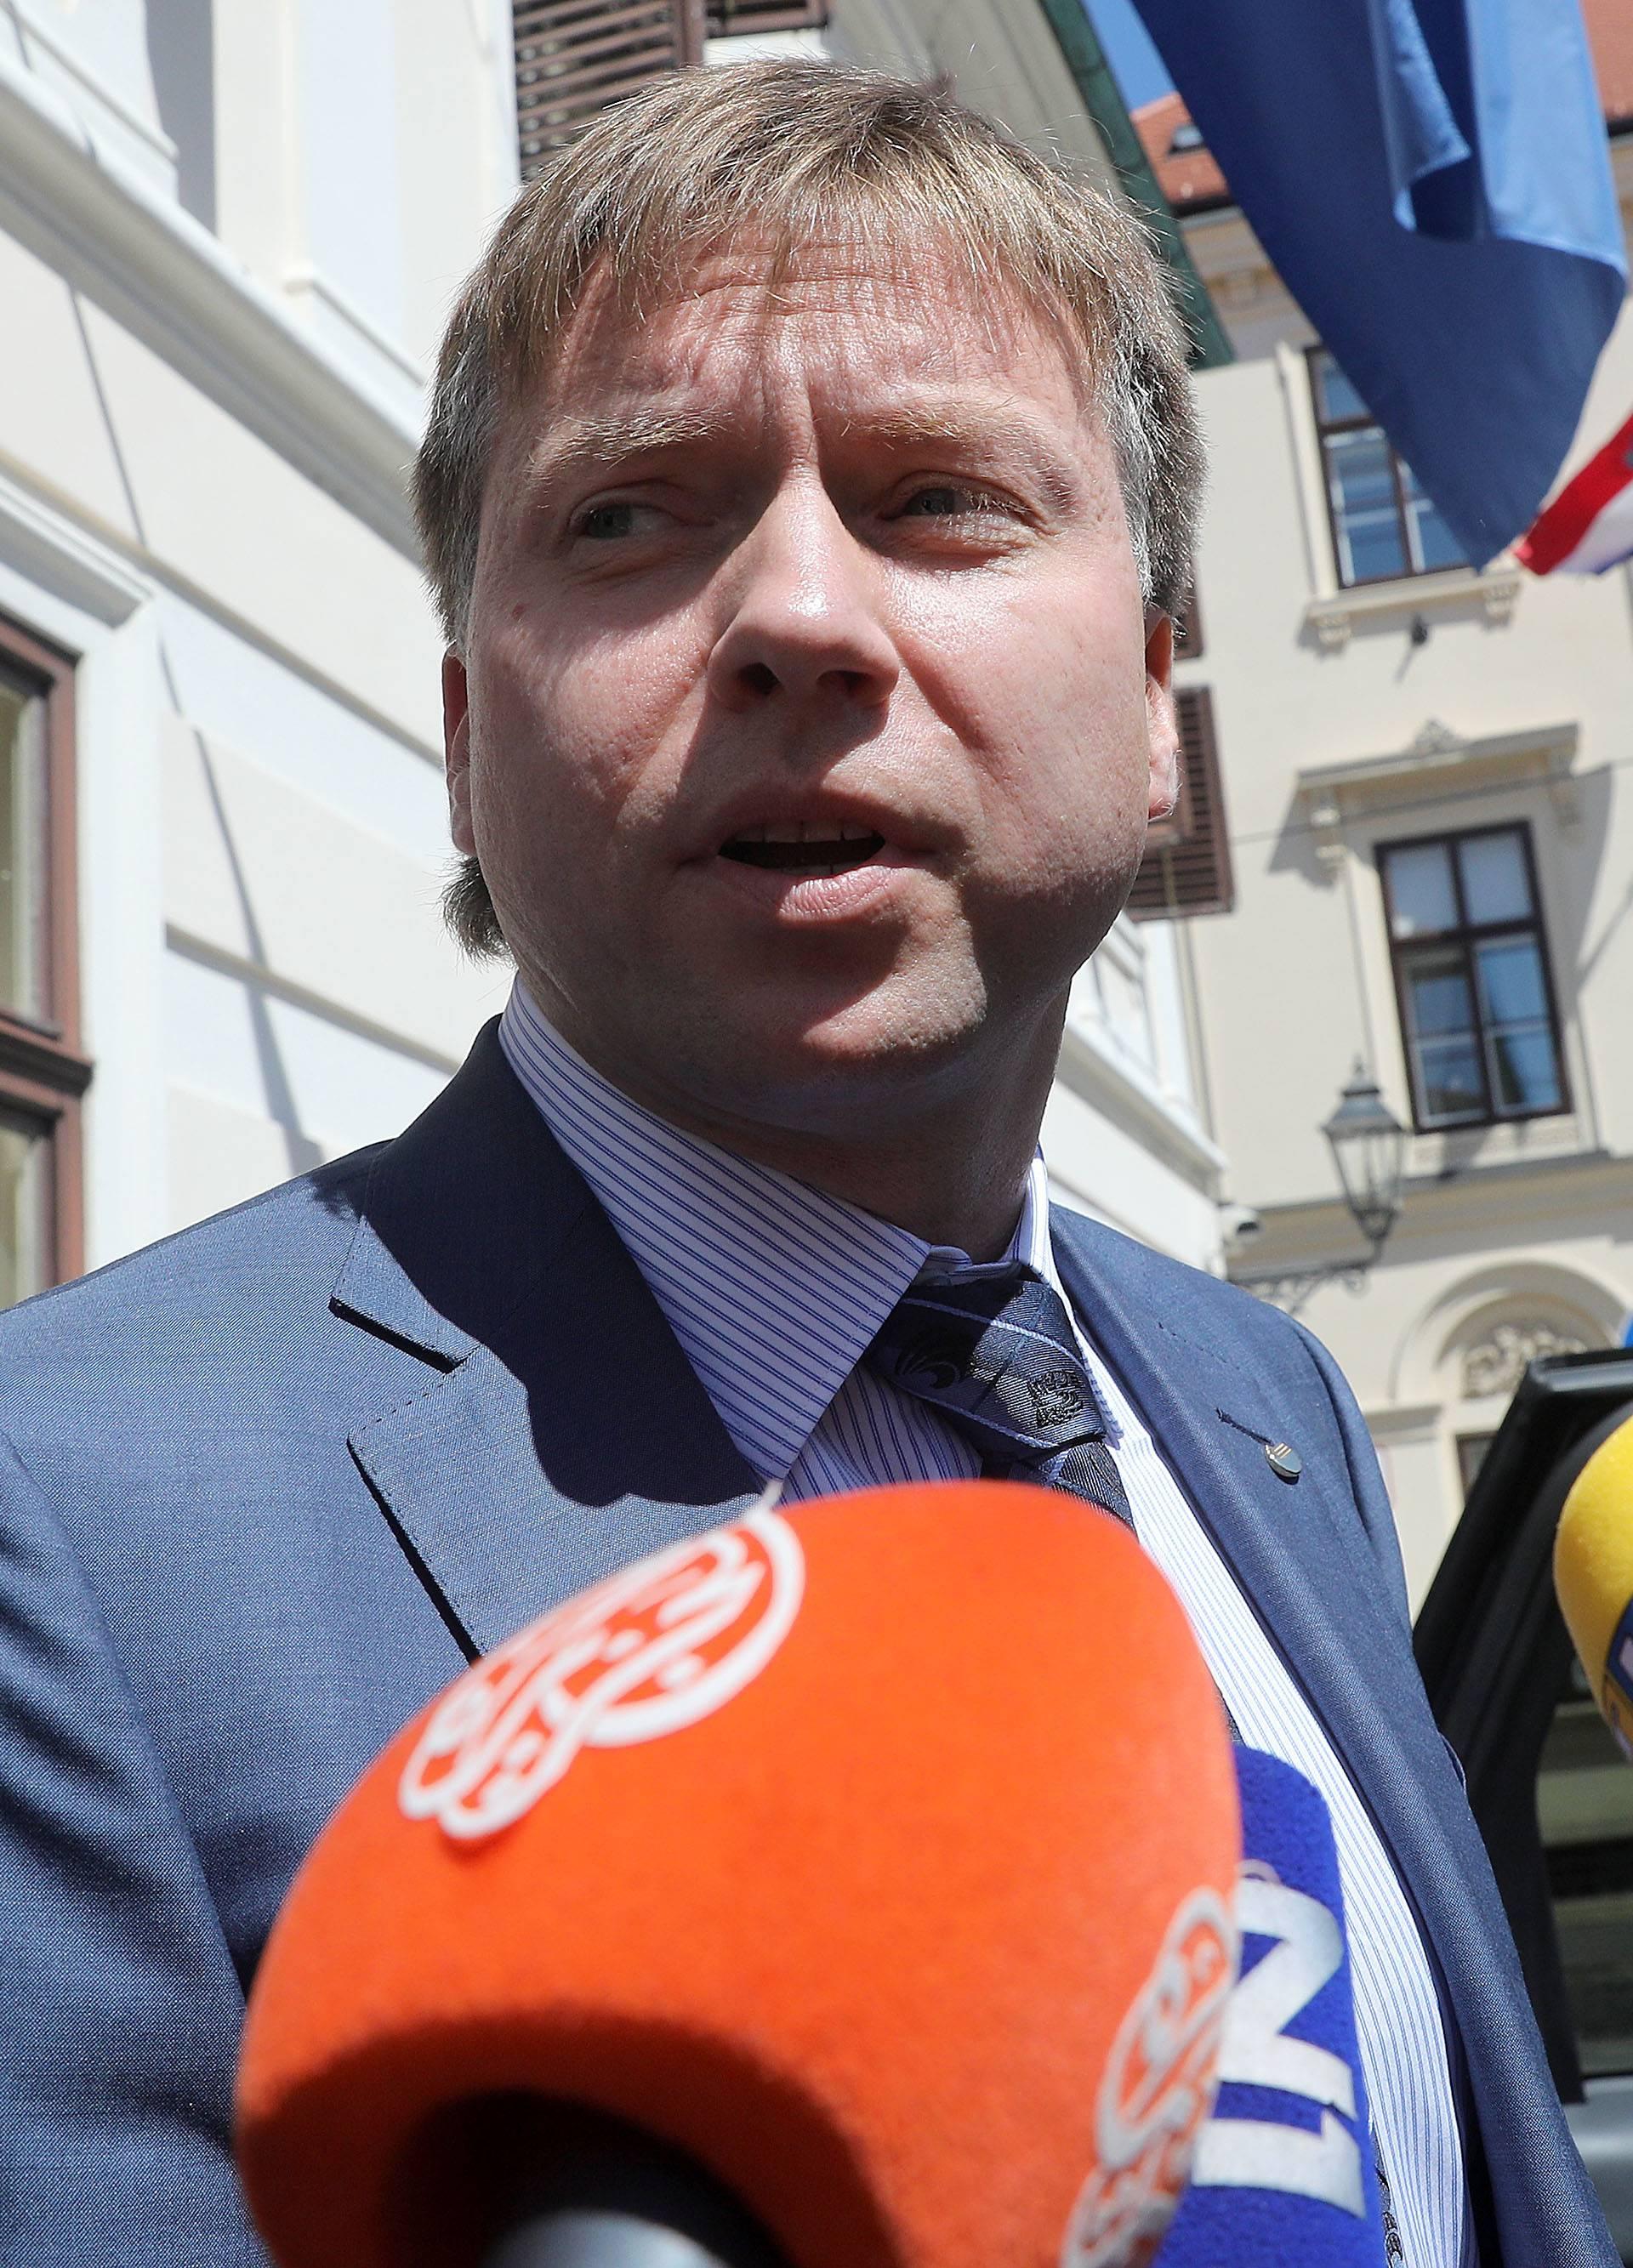 Drugi čovjek Sberbanka odlazi iz kompanije, razlog se ne zna